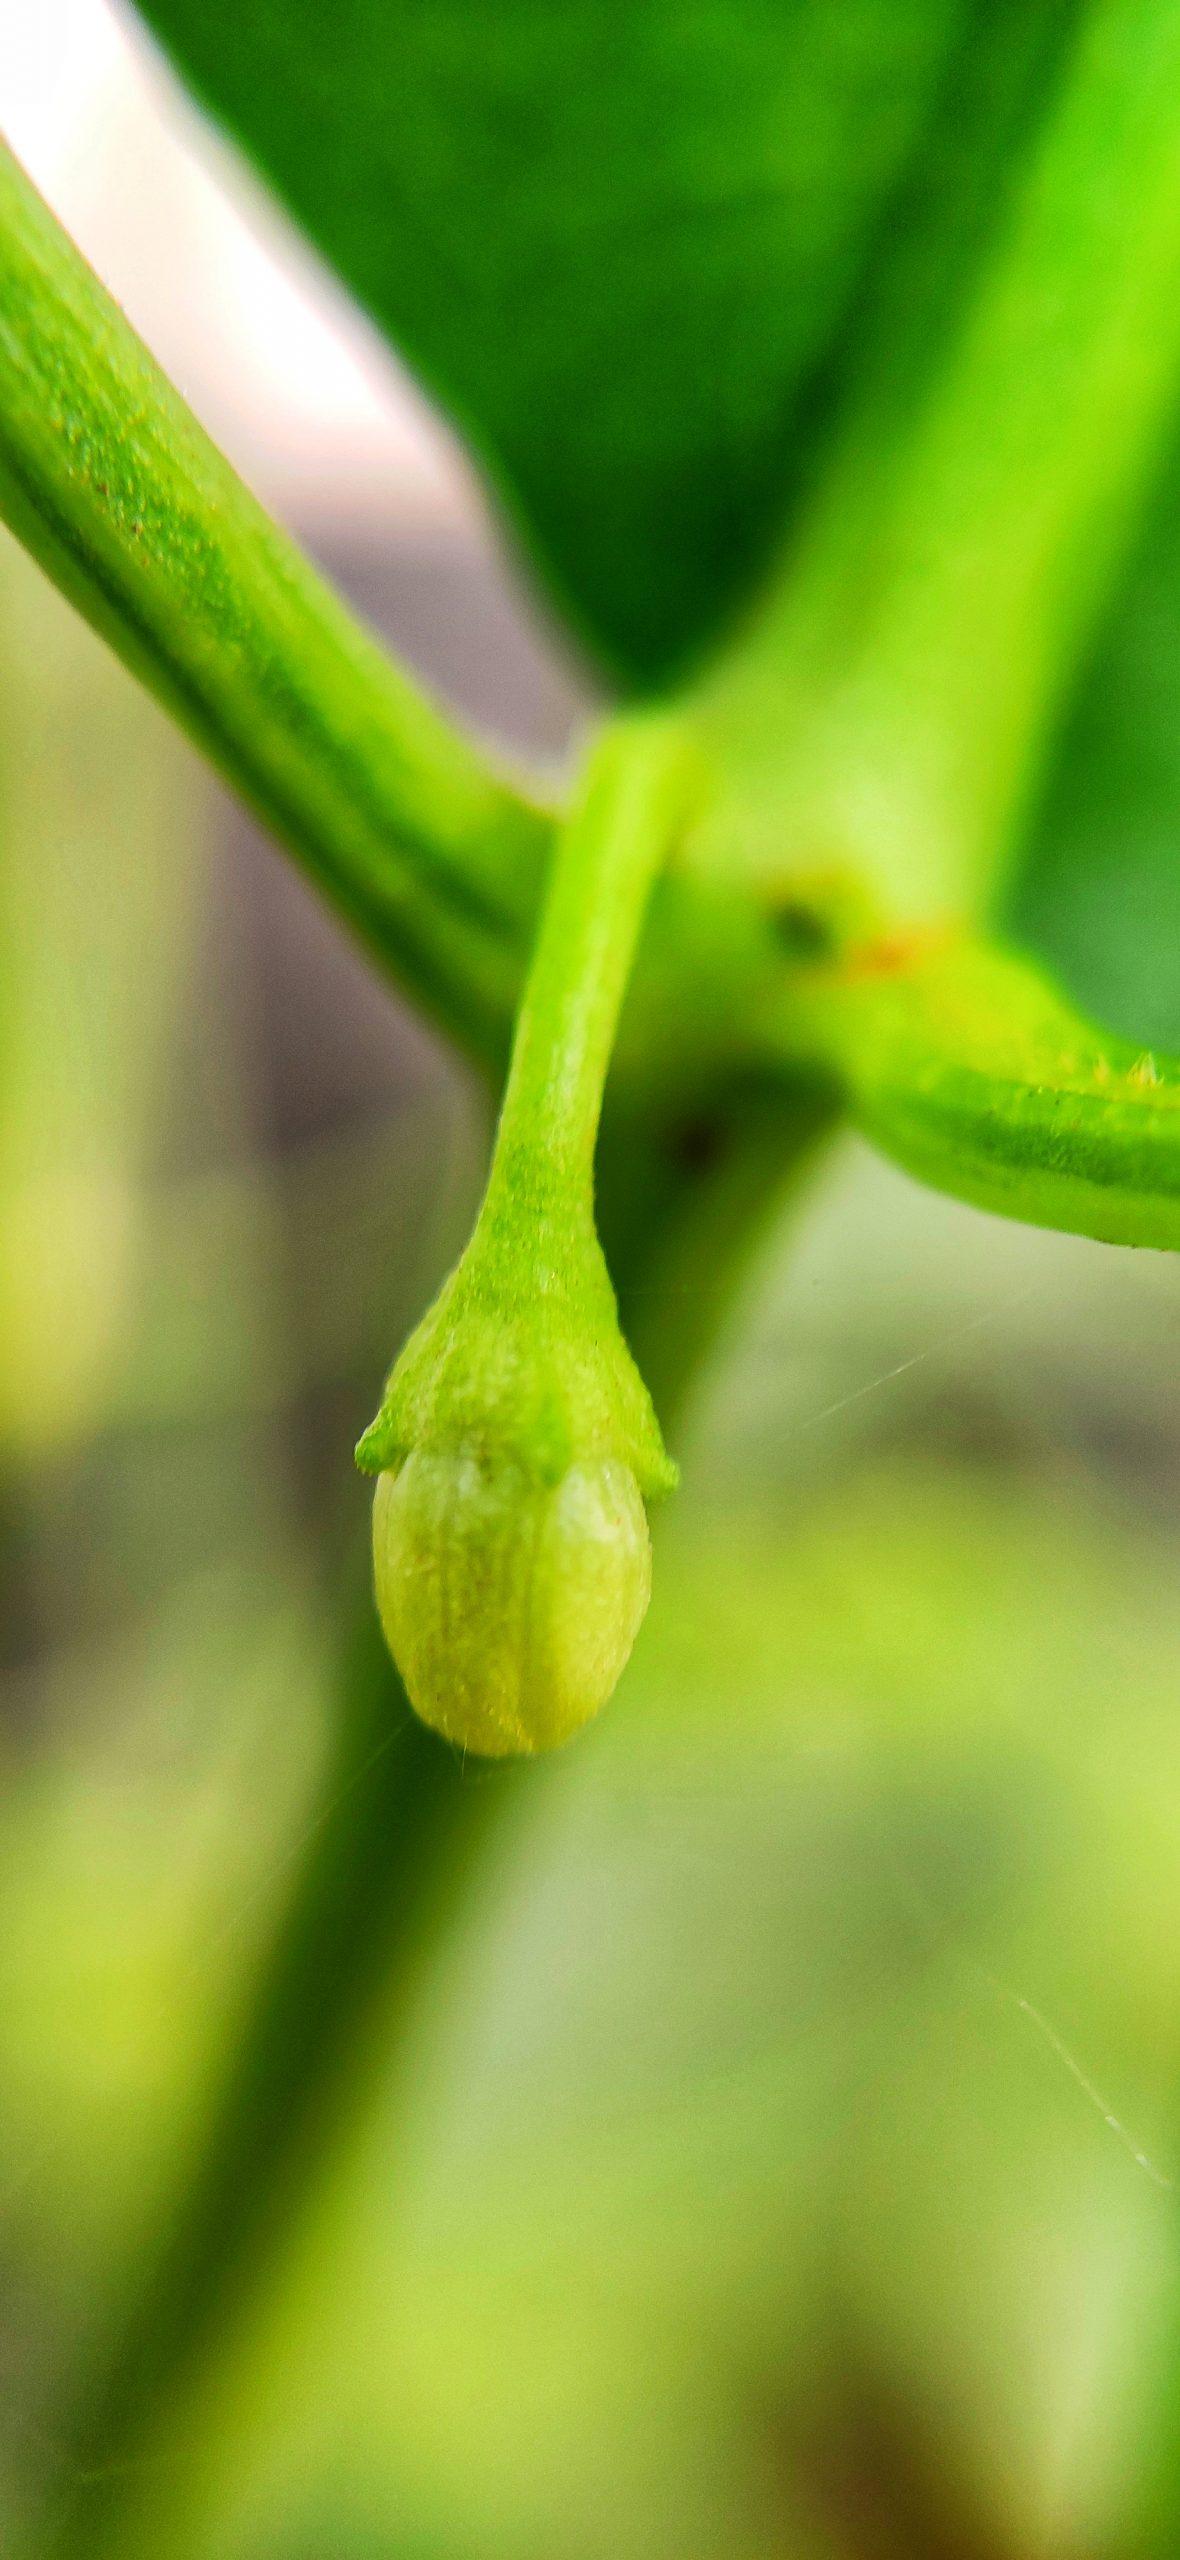 A fruit bud